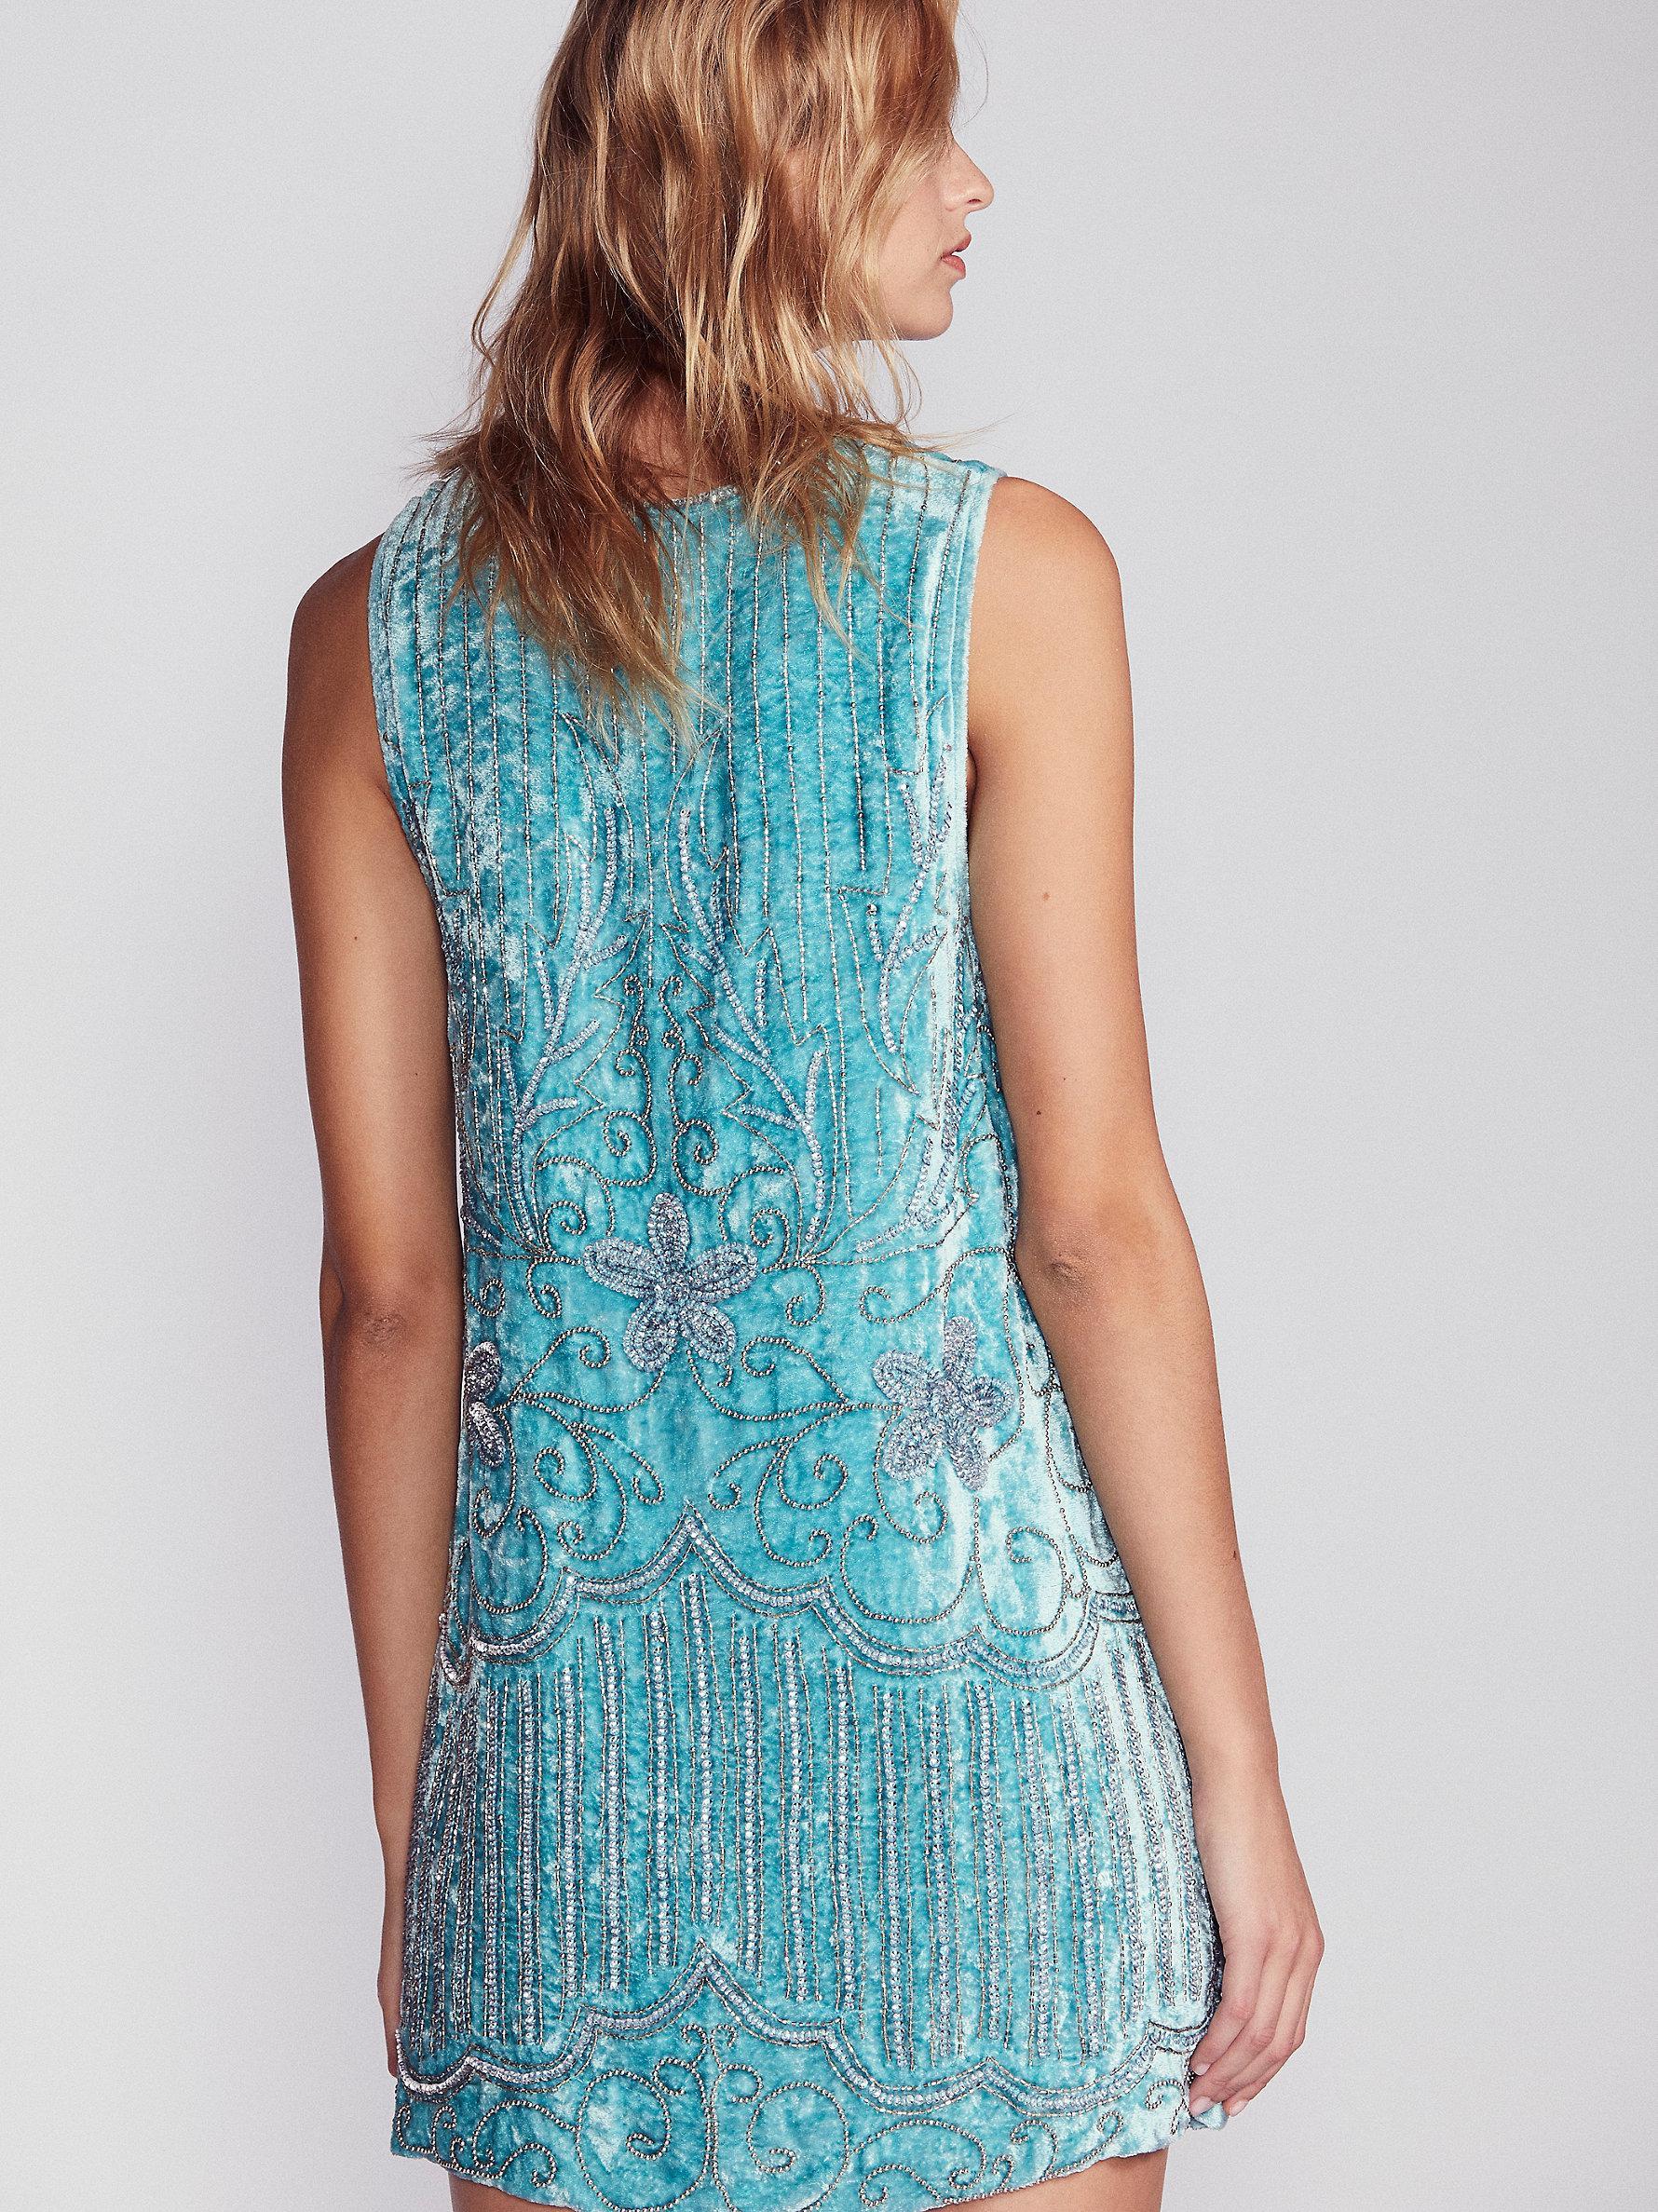 Free People Velvet Elsa Sequin Dress in Blue - Lyst